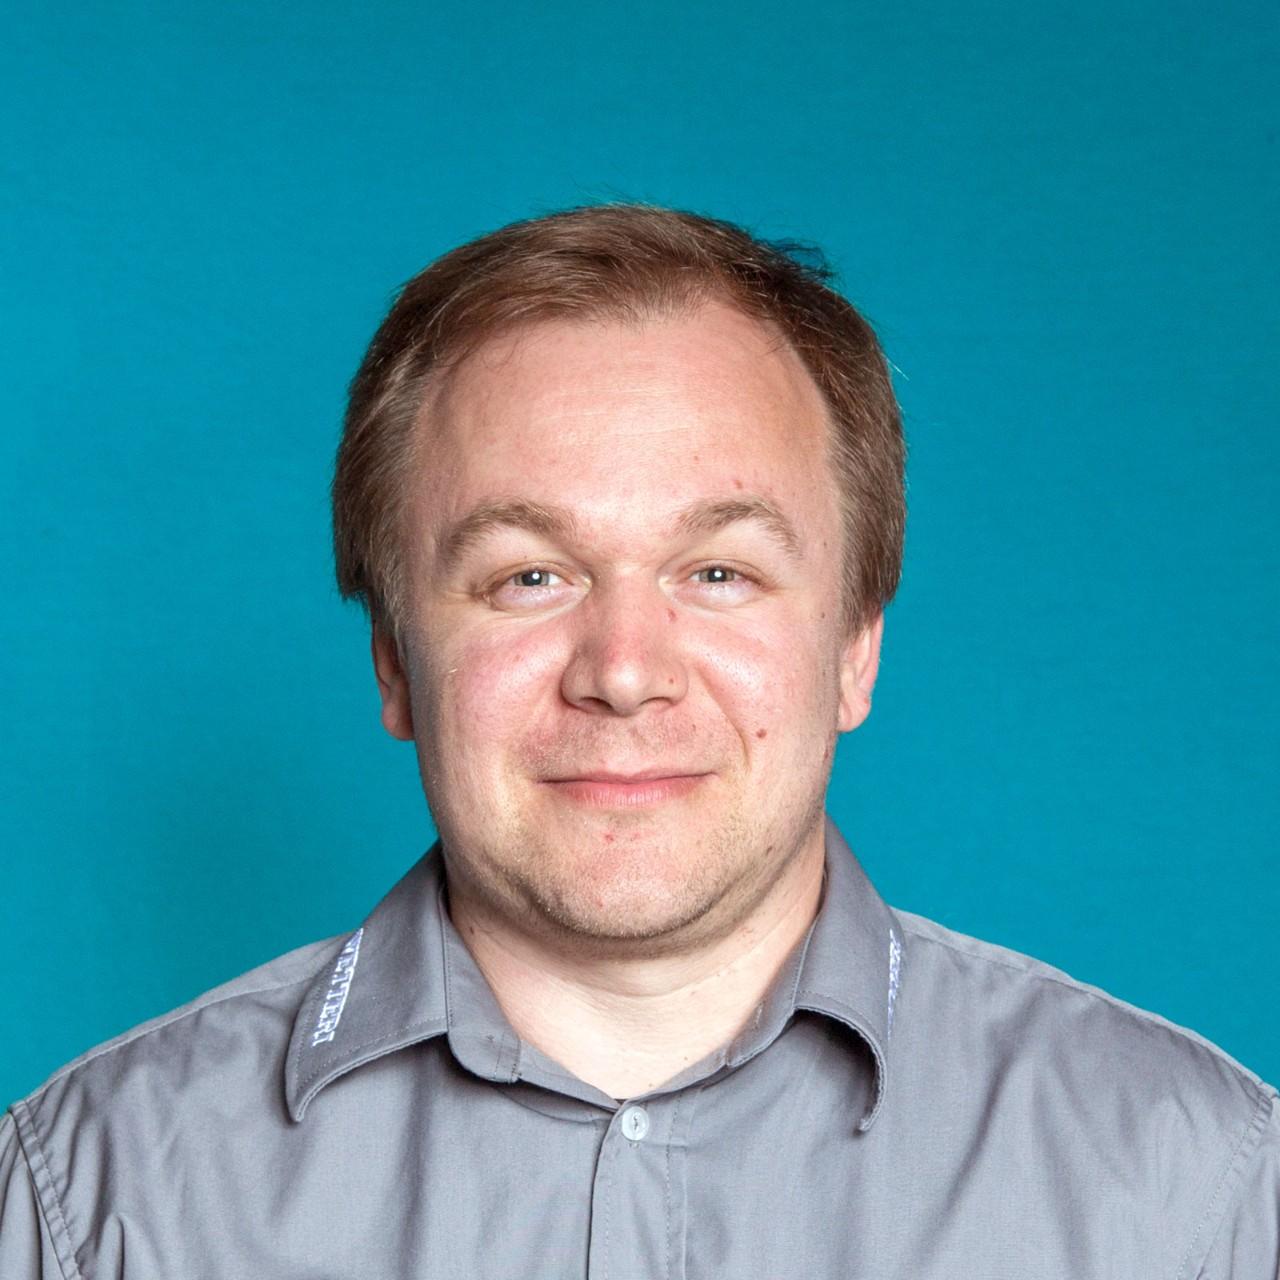 Marko Kolppanen